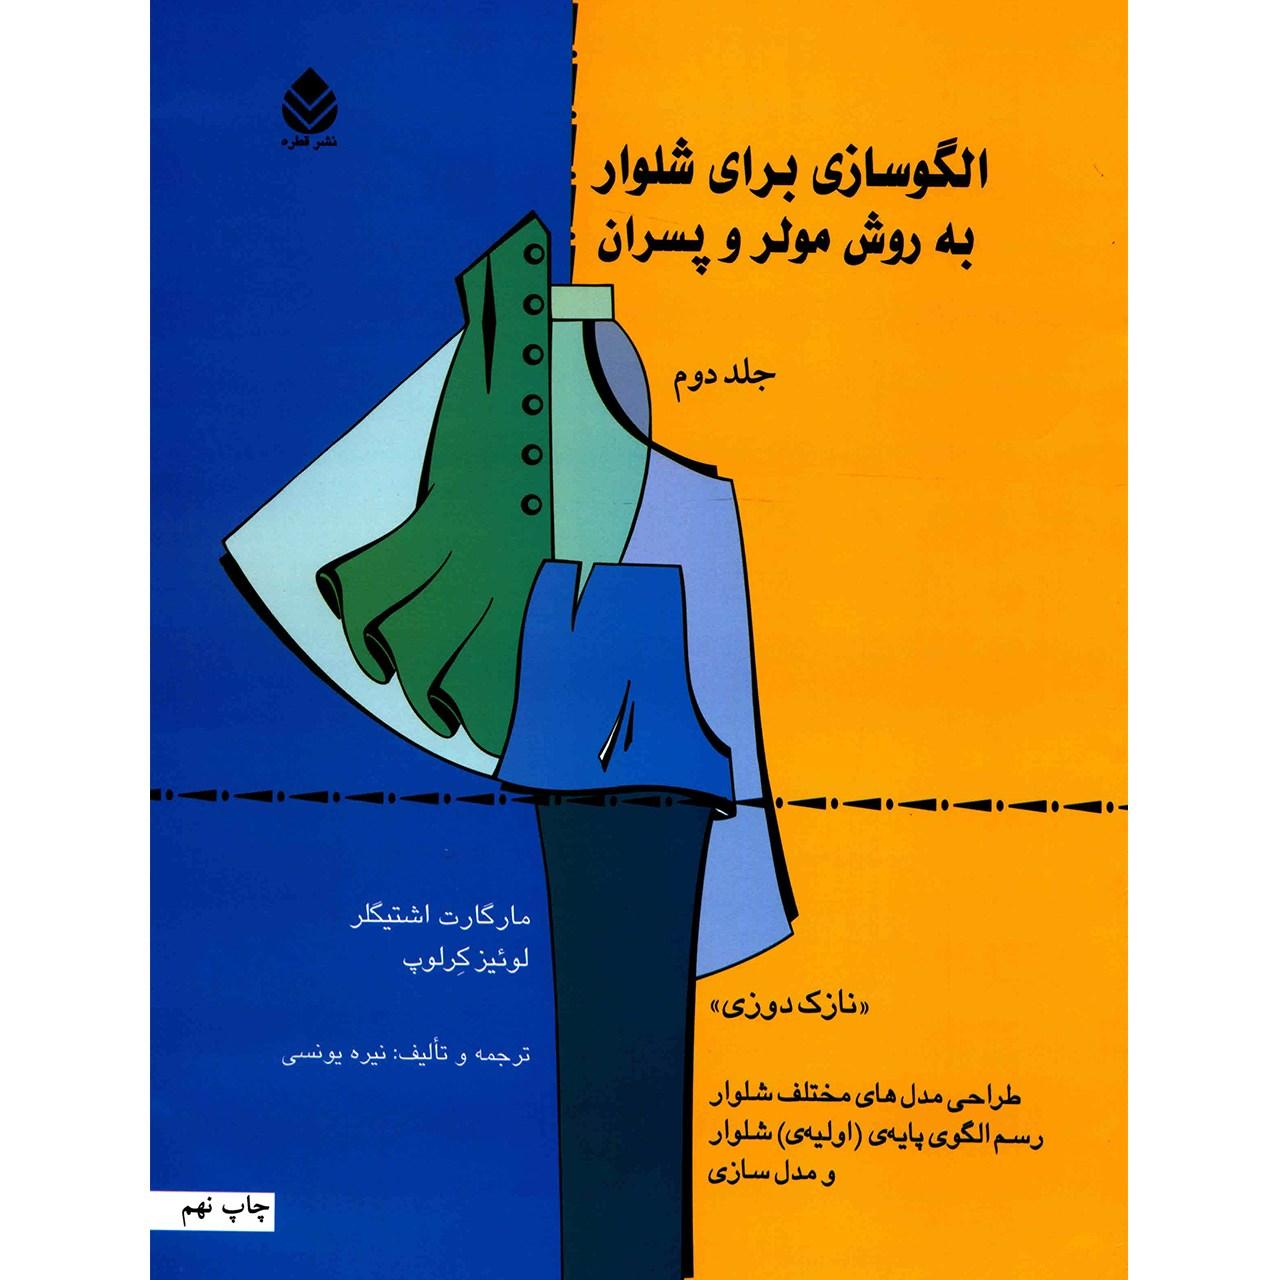 خرید                      کتاب الگوسازی برای شلوار به روش مولر و پسران اثر مارگارت اشتیگلر - جلد دوم